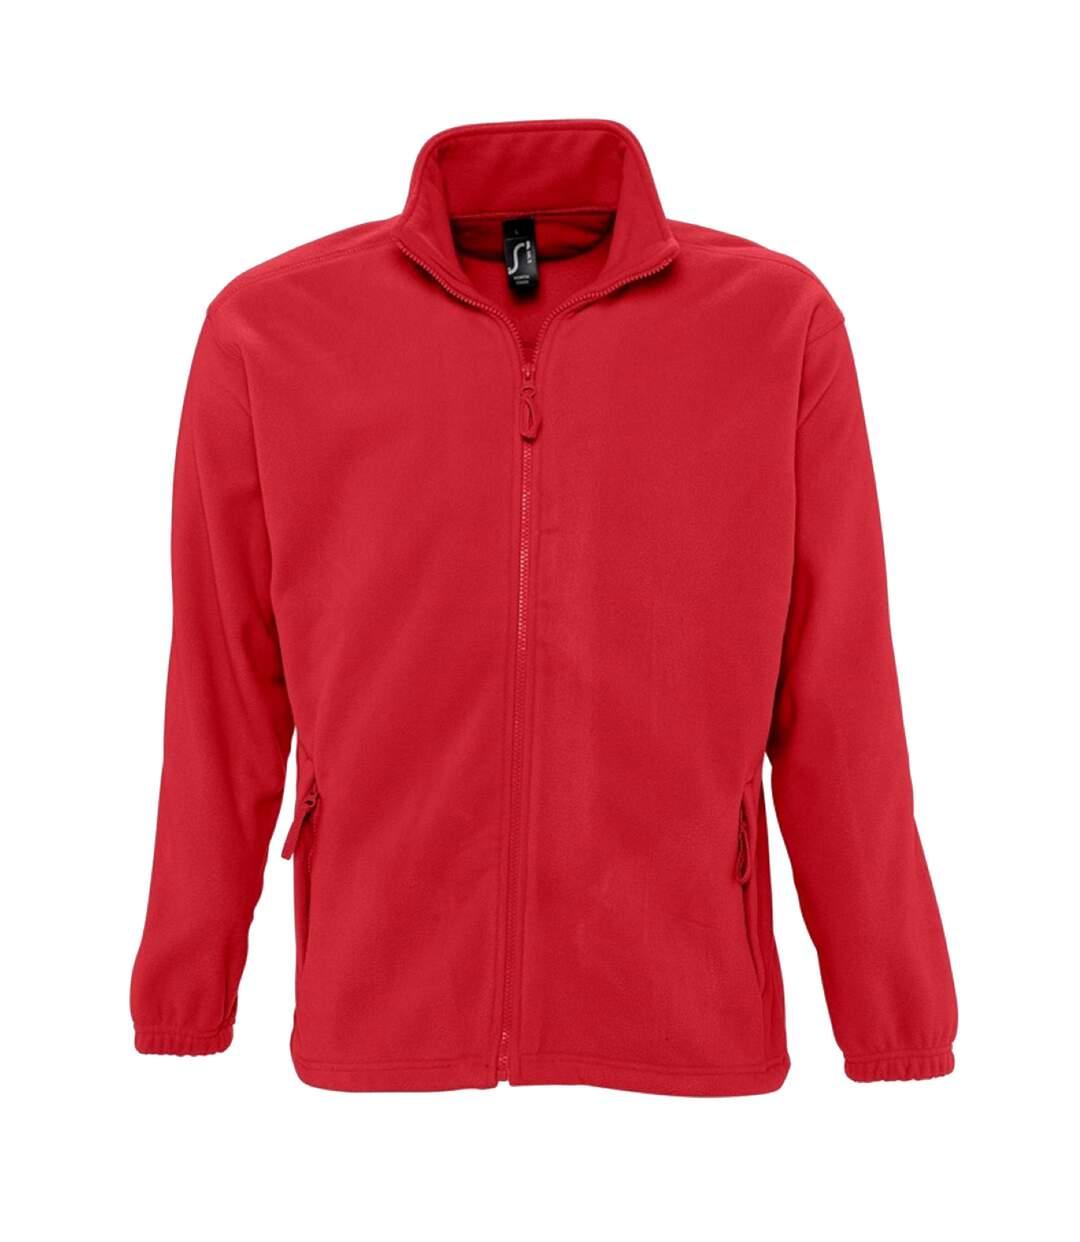 SOLS Mens North Full Zip Outdoor Fleece Jacket (Orange) - UTPC343